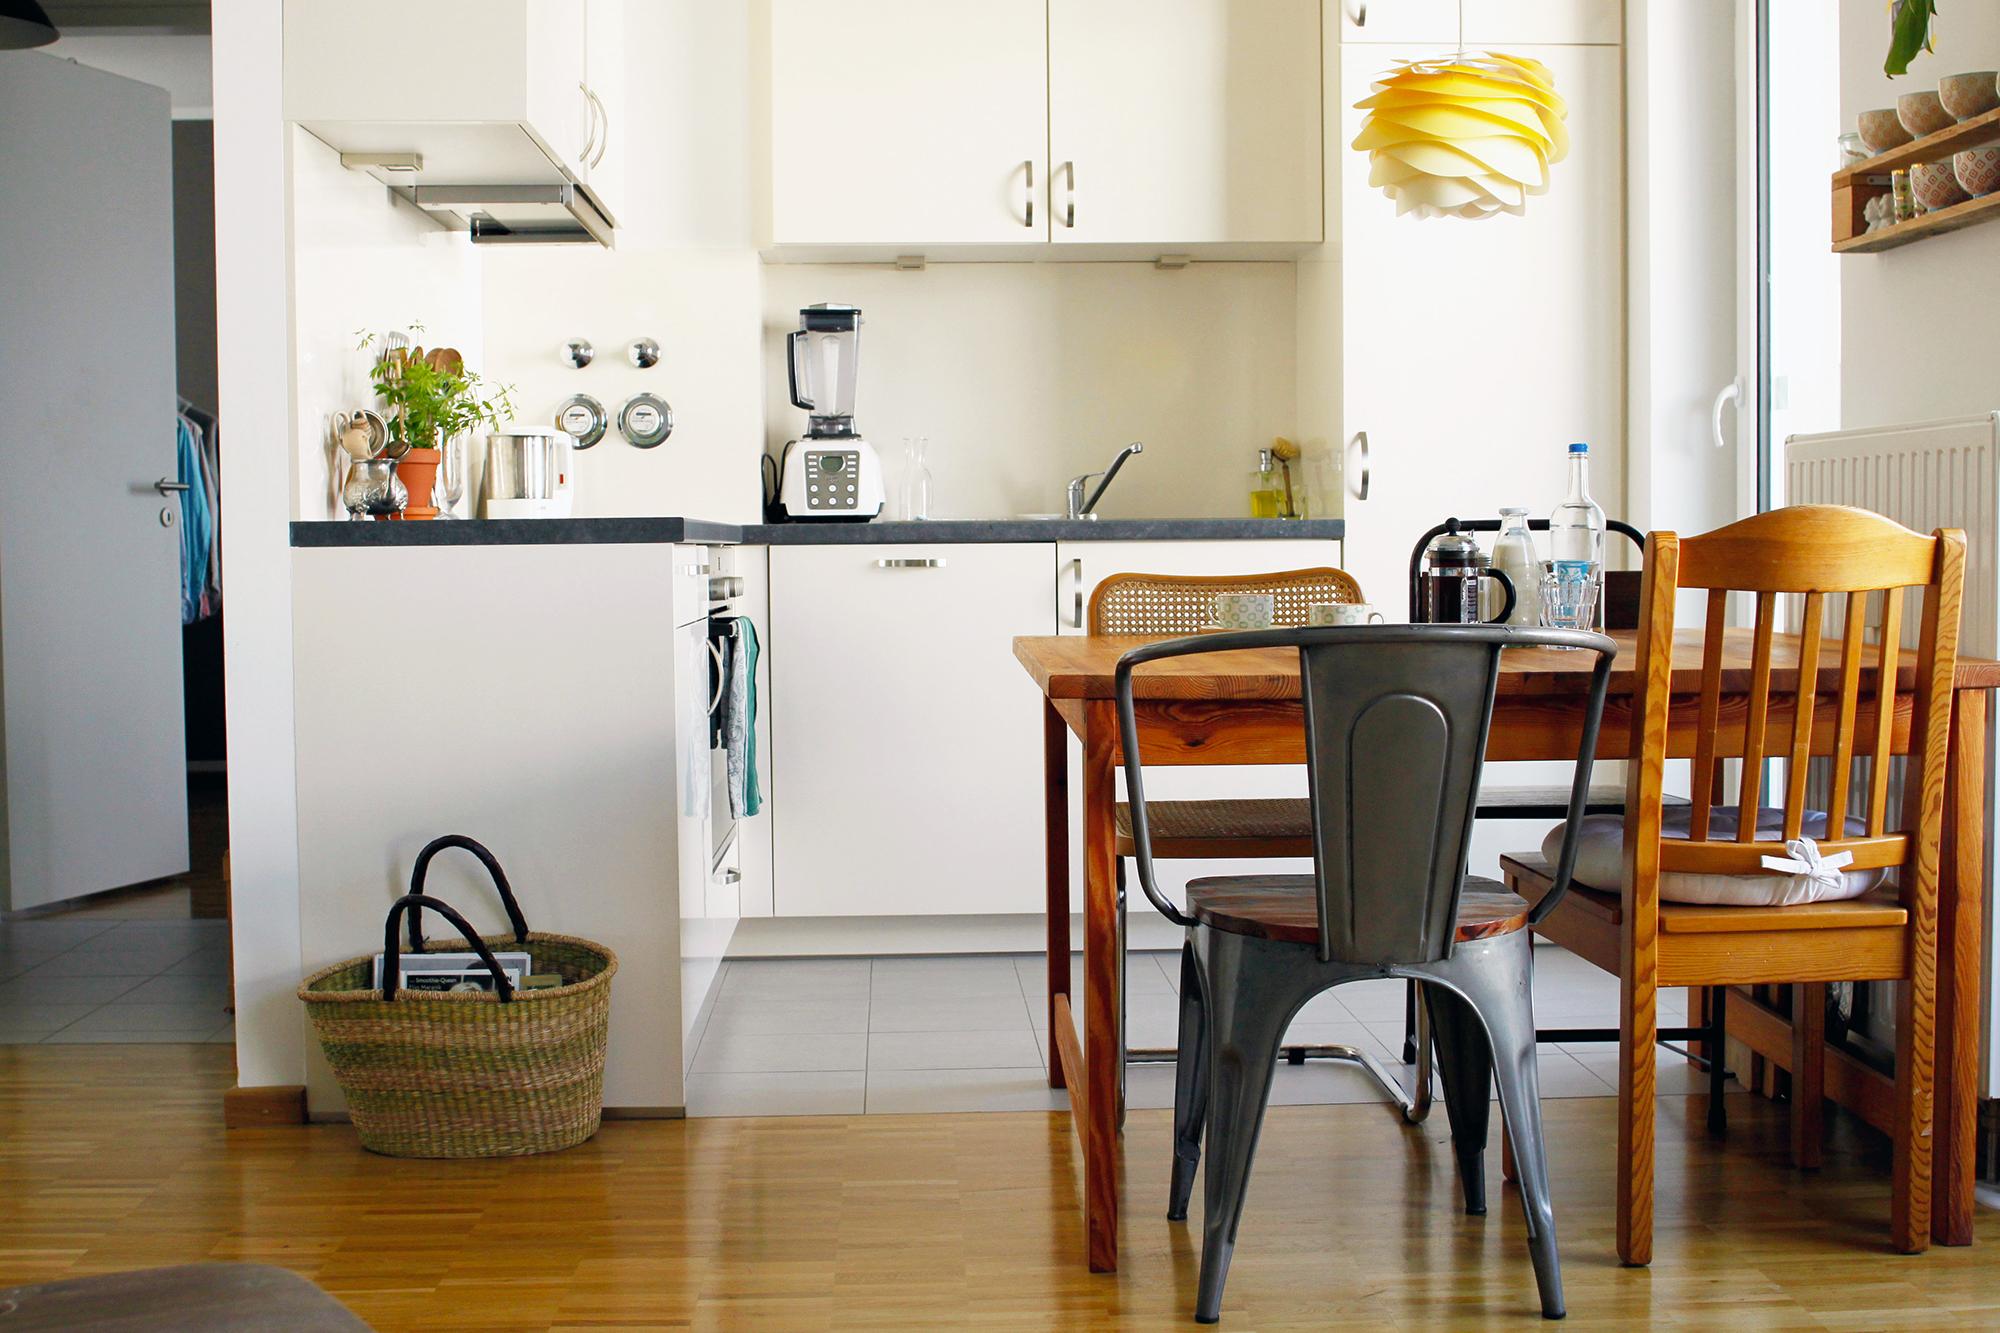 Beste Billigste Küchenboden Ideen Galerie - Küchenschrank Ideen ...